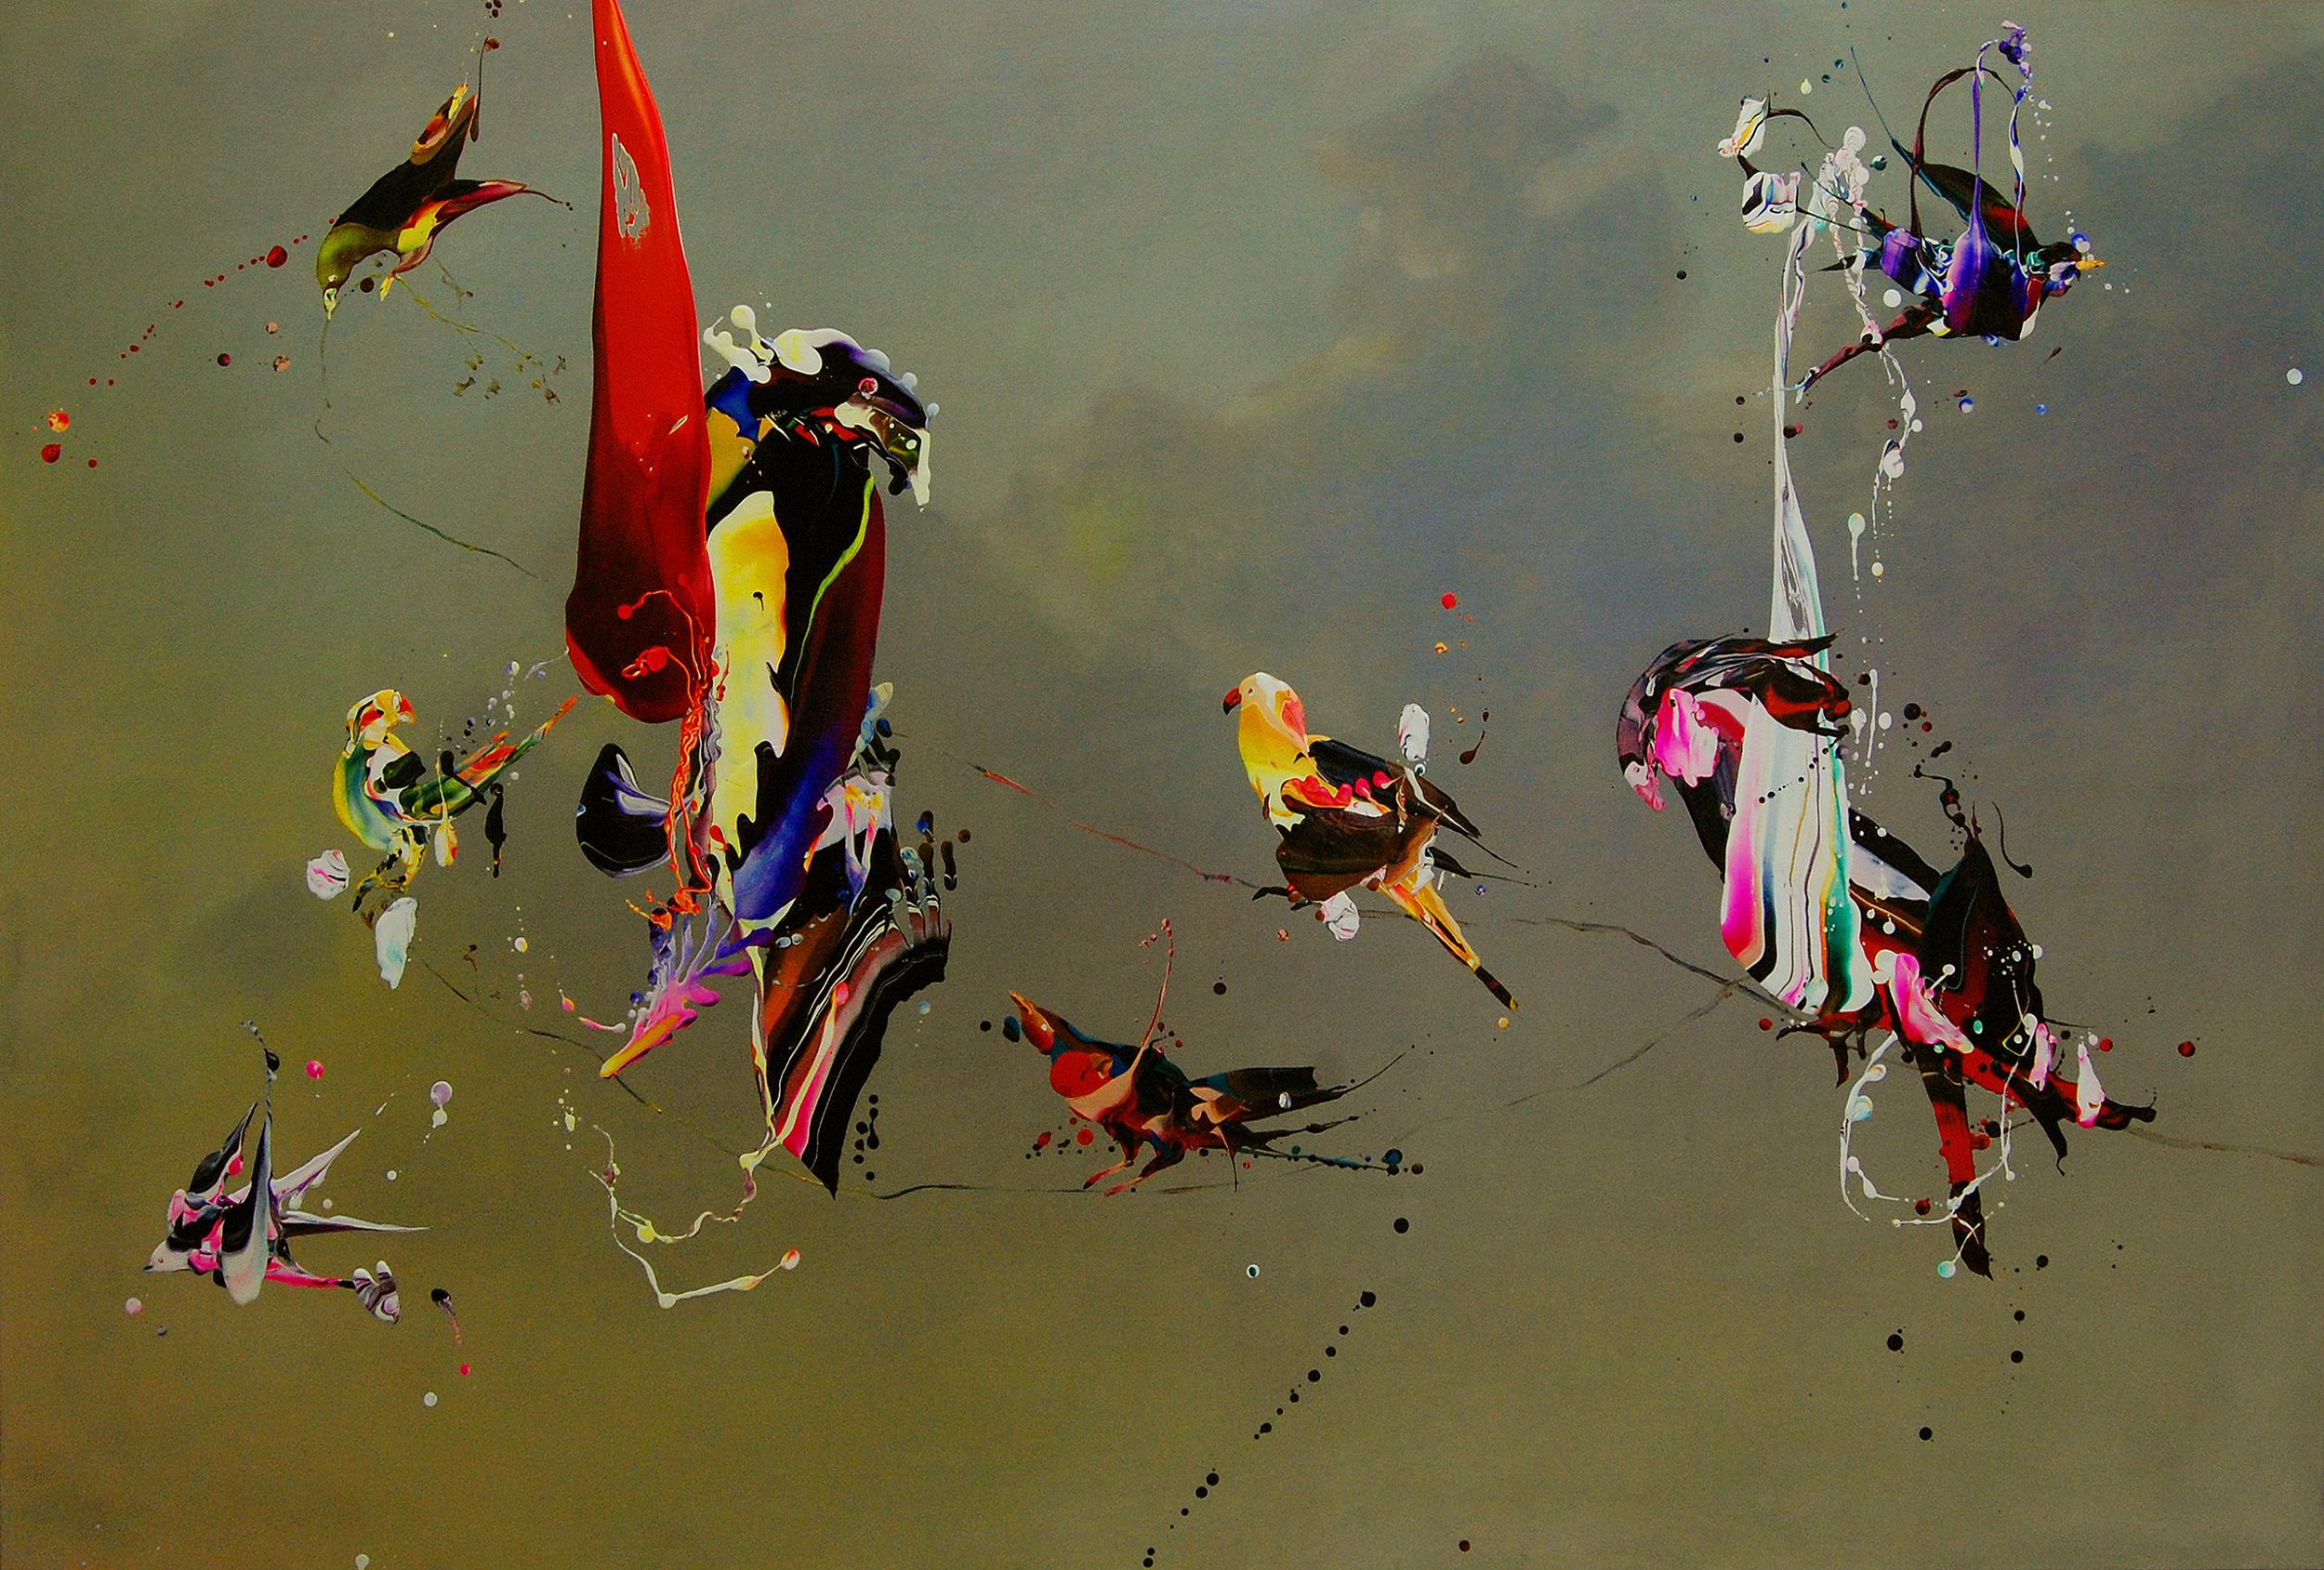 HM Bird's in concert L. 125 x 185 cm oil on linen.JPG